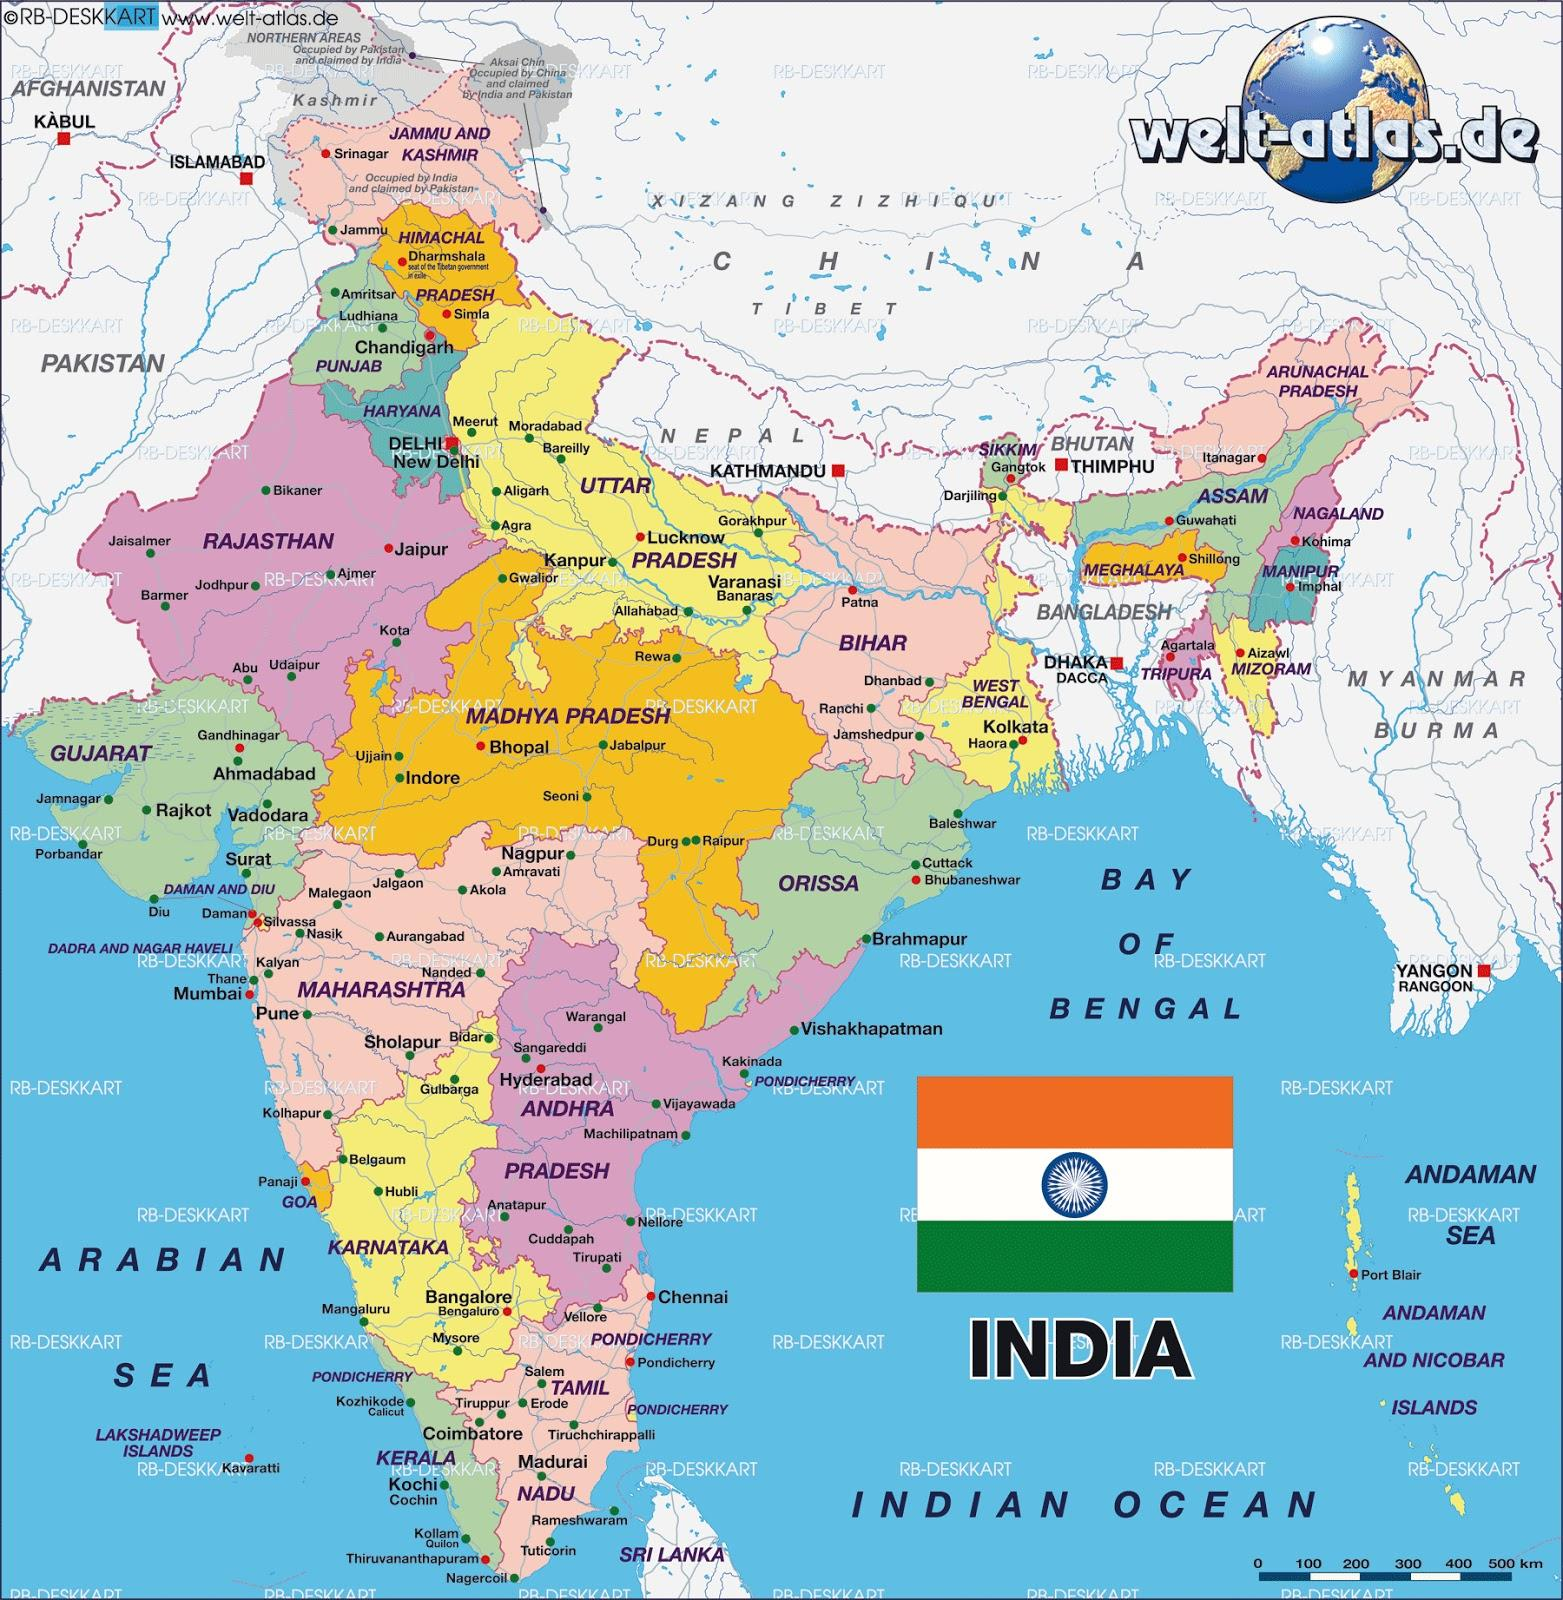 Cartina Geografica Fisica Dell India.India Politico E Mappa Fisica Politica E Mappa Fisica Dell India Asia Del Sud Asia